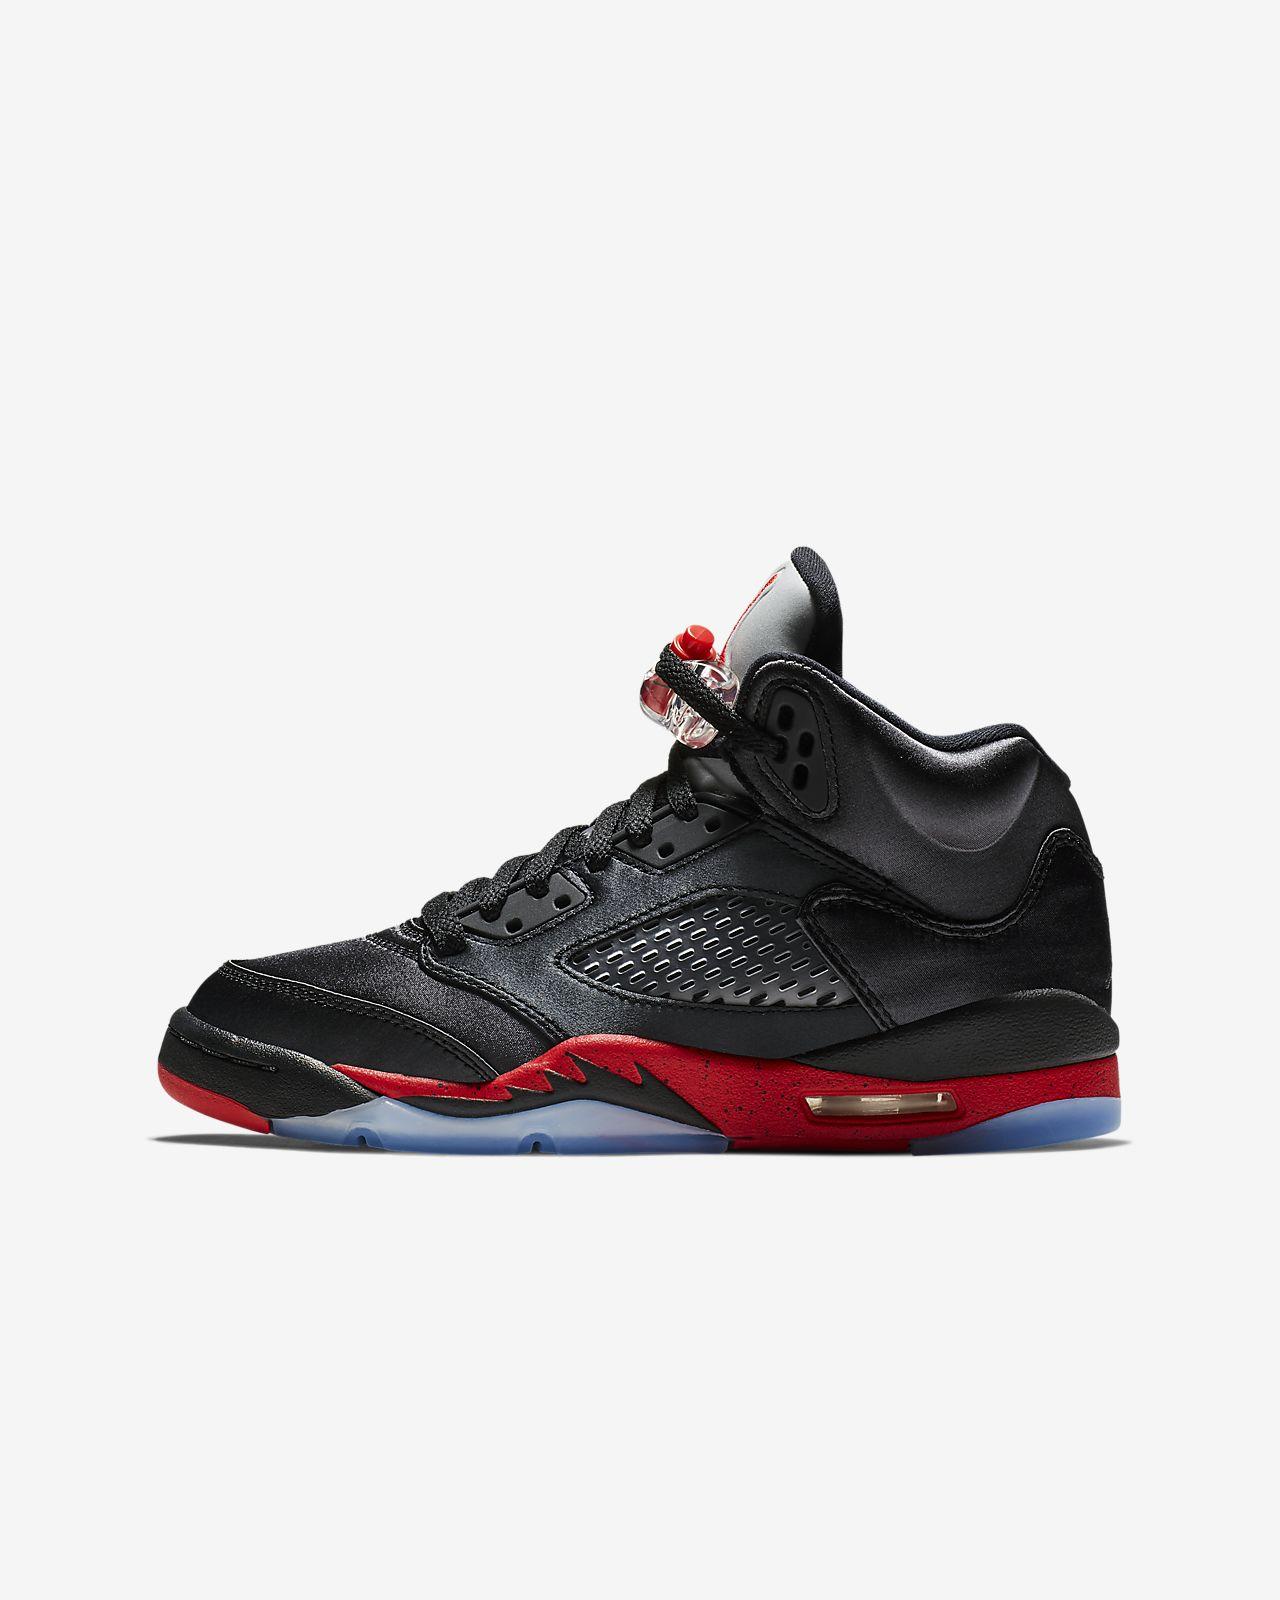 separation shoes a0c40 88a16 ... Chaussure Air Jordan 5 Retro pour Enfant plus âgé (35,5-40)